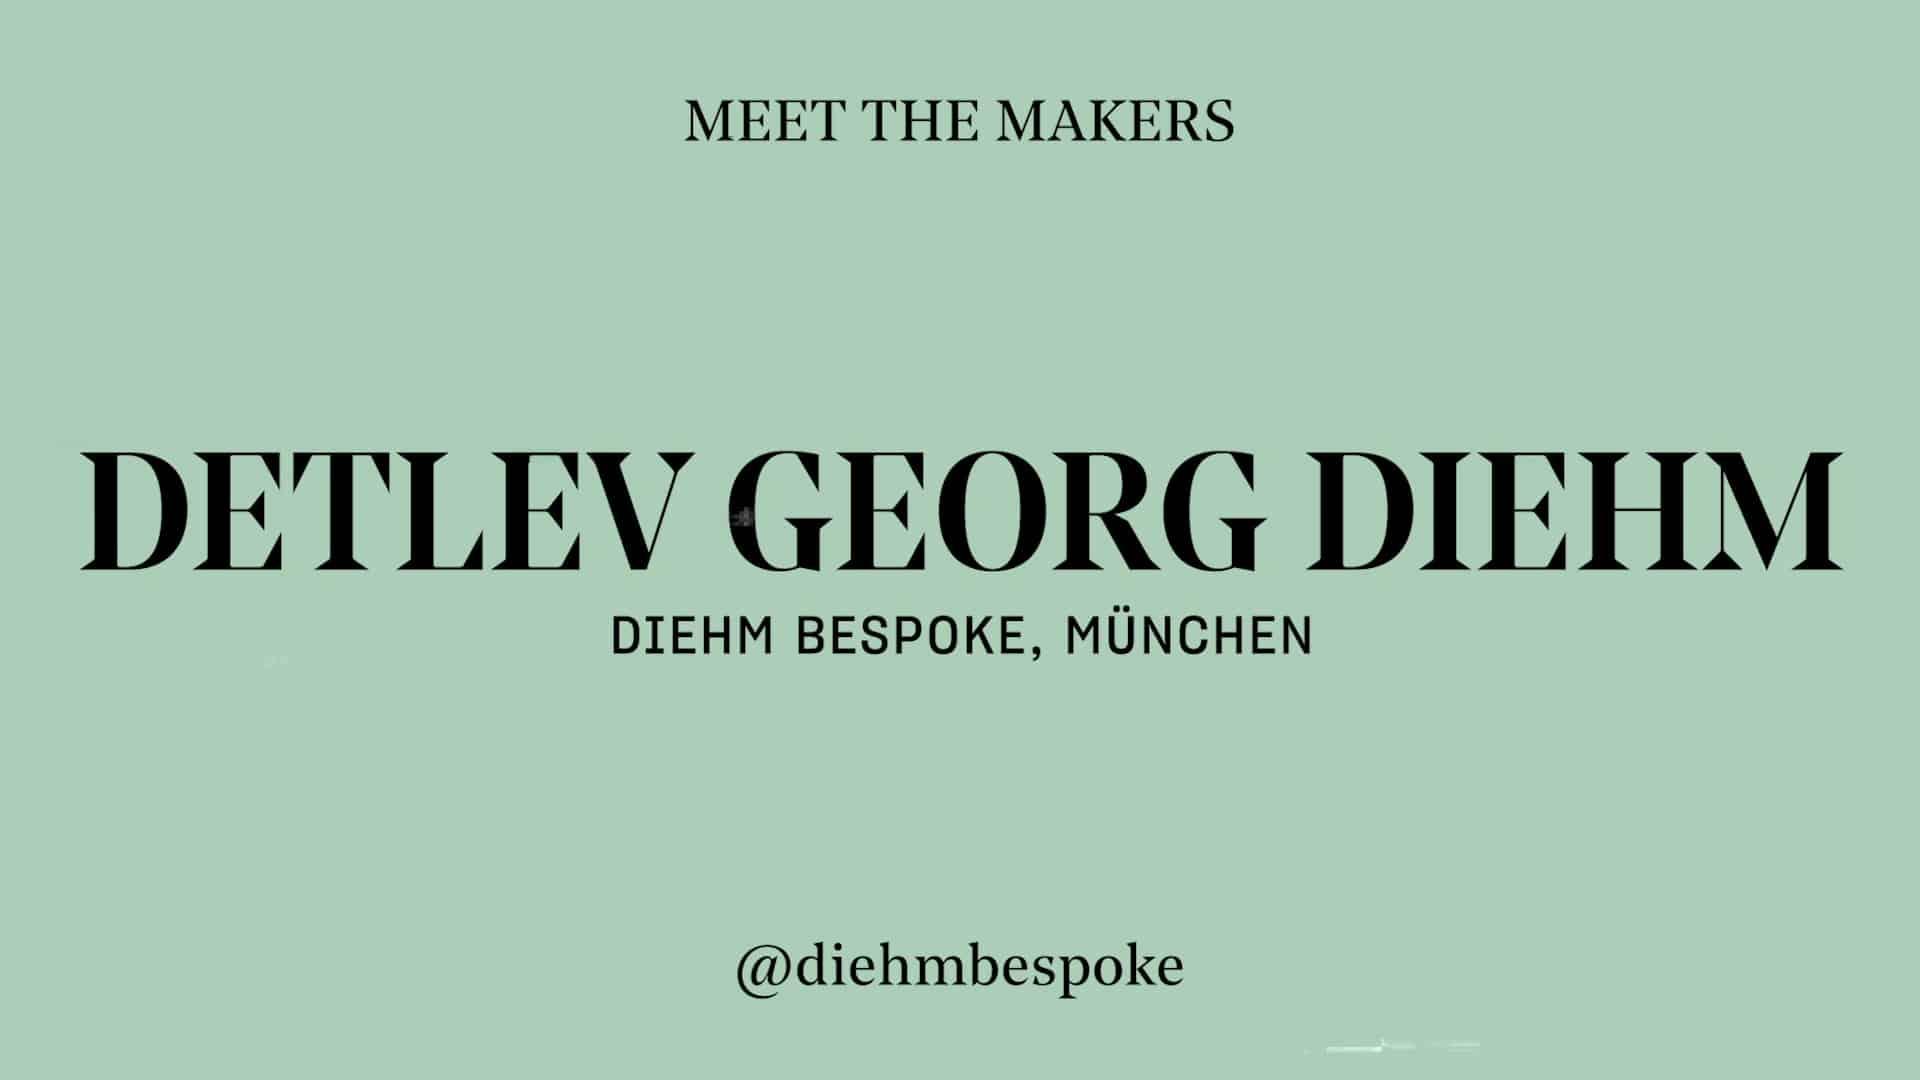 Detlev Georg Diehm